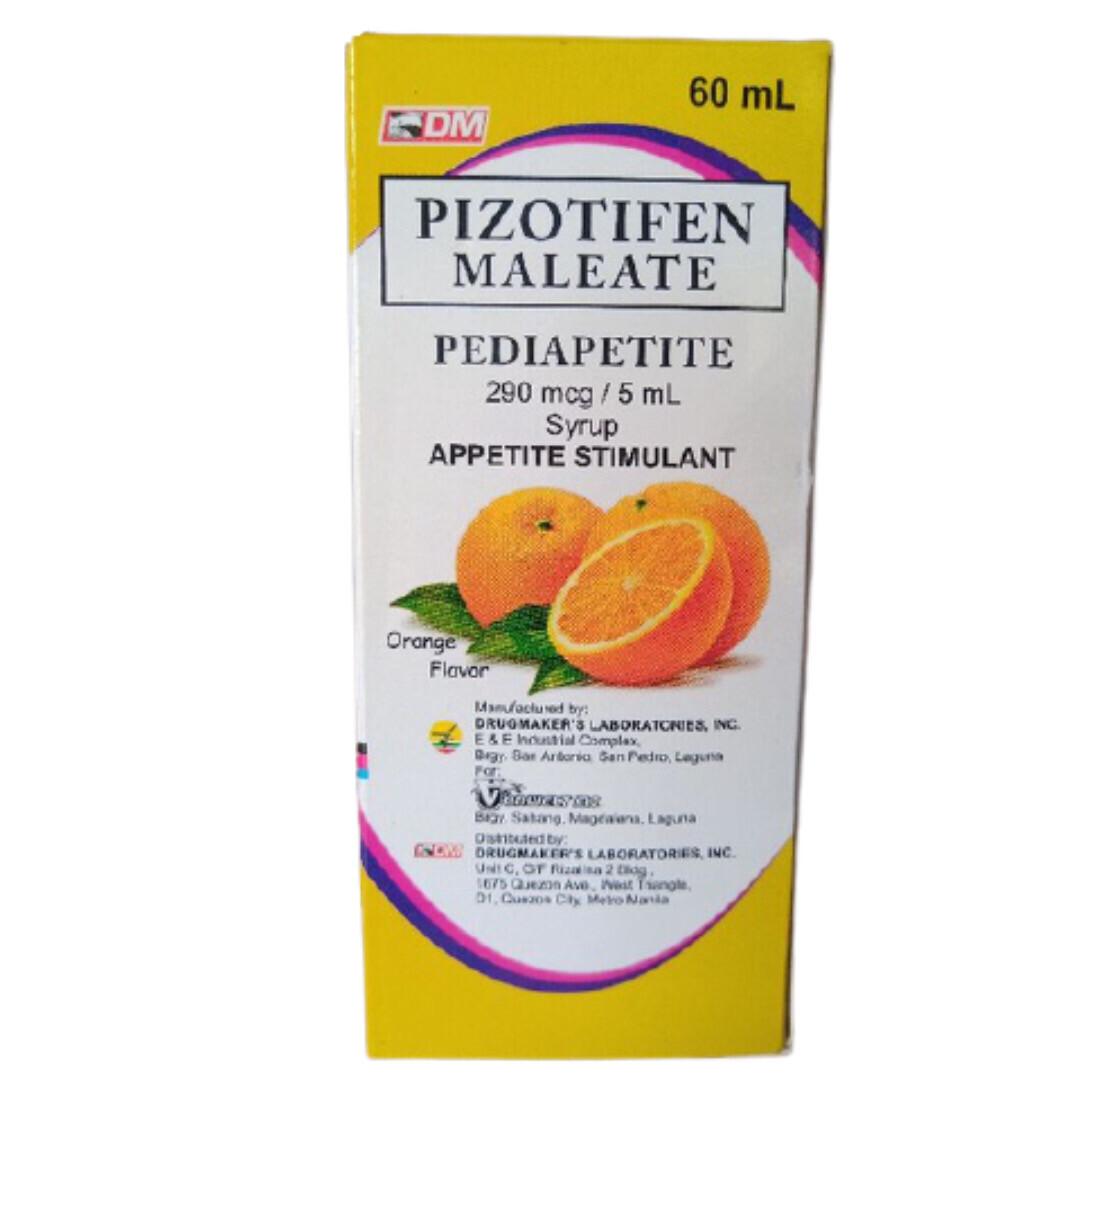 Pizotifen 290 mcg./5ml Syrup 60ml x 1's